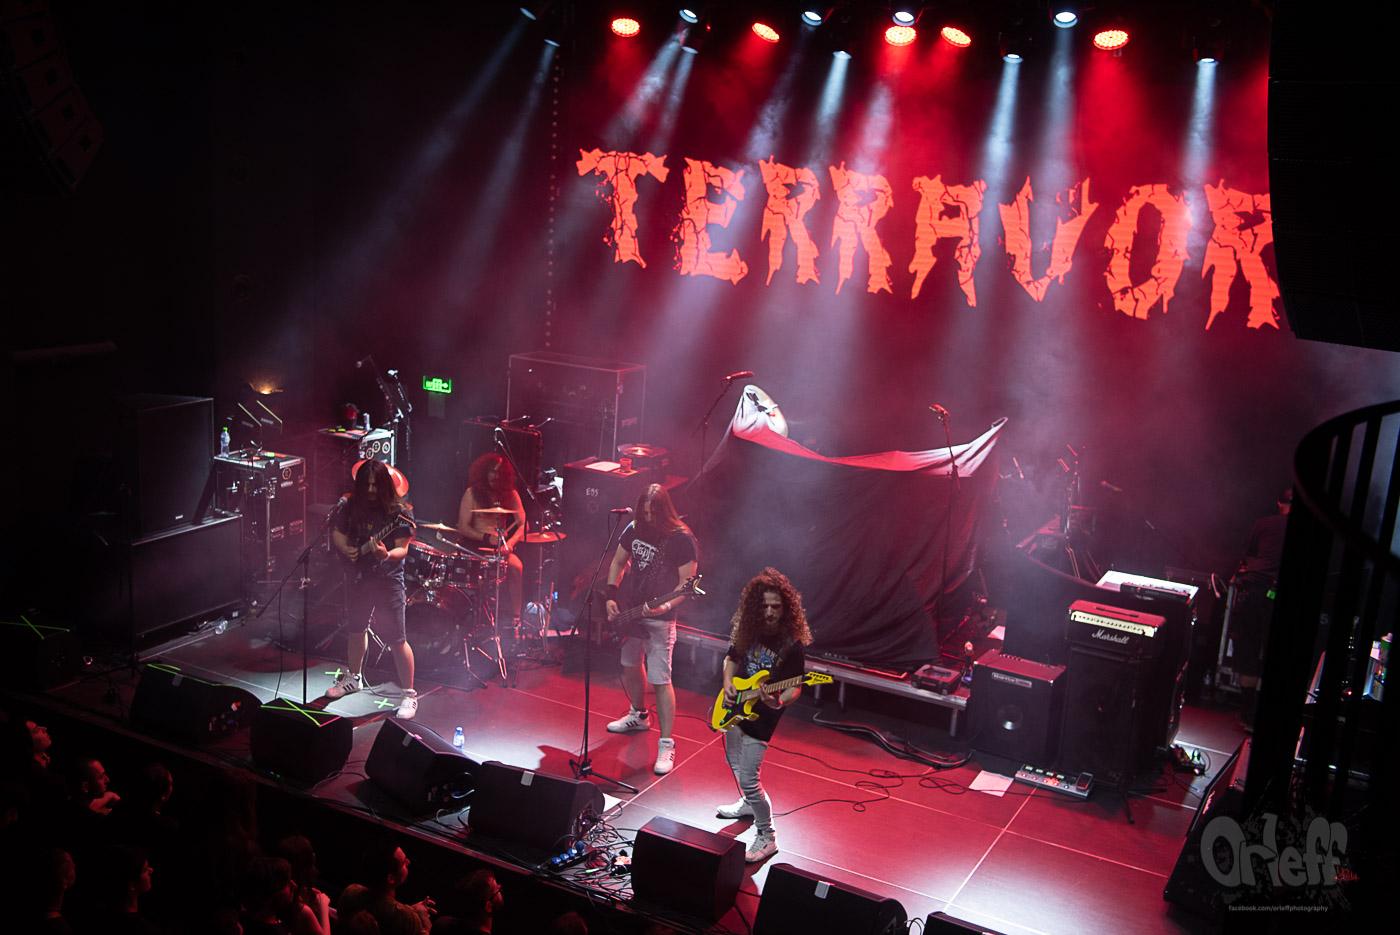 Terravore @ Music Jam, 2019